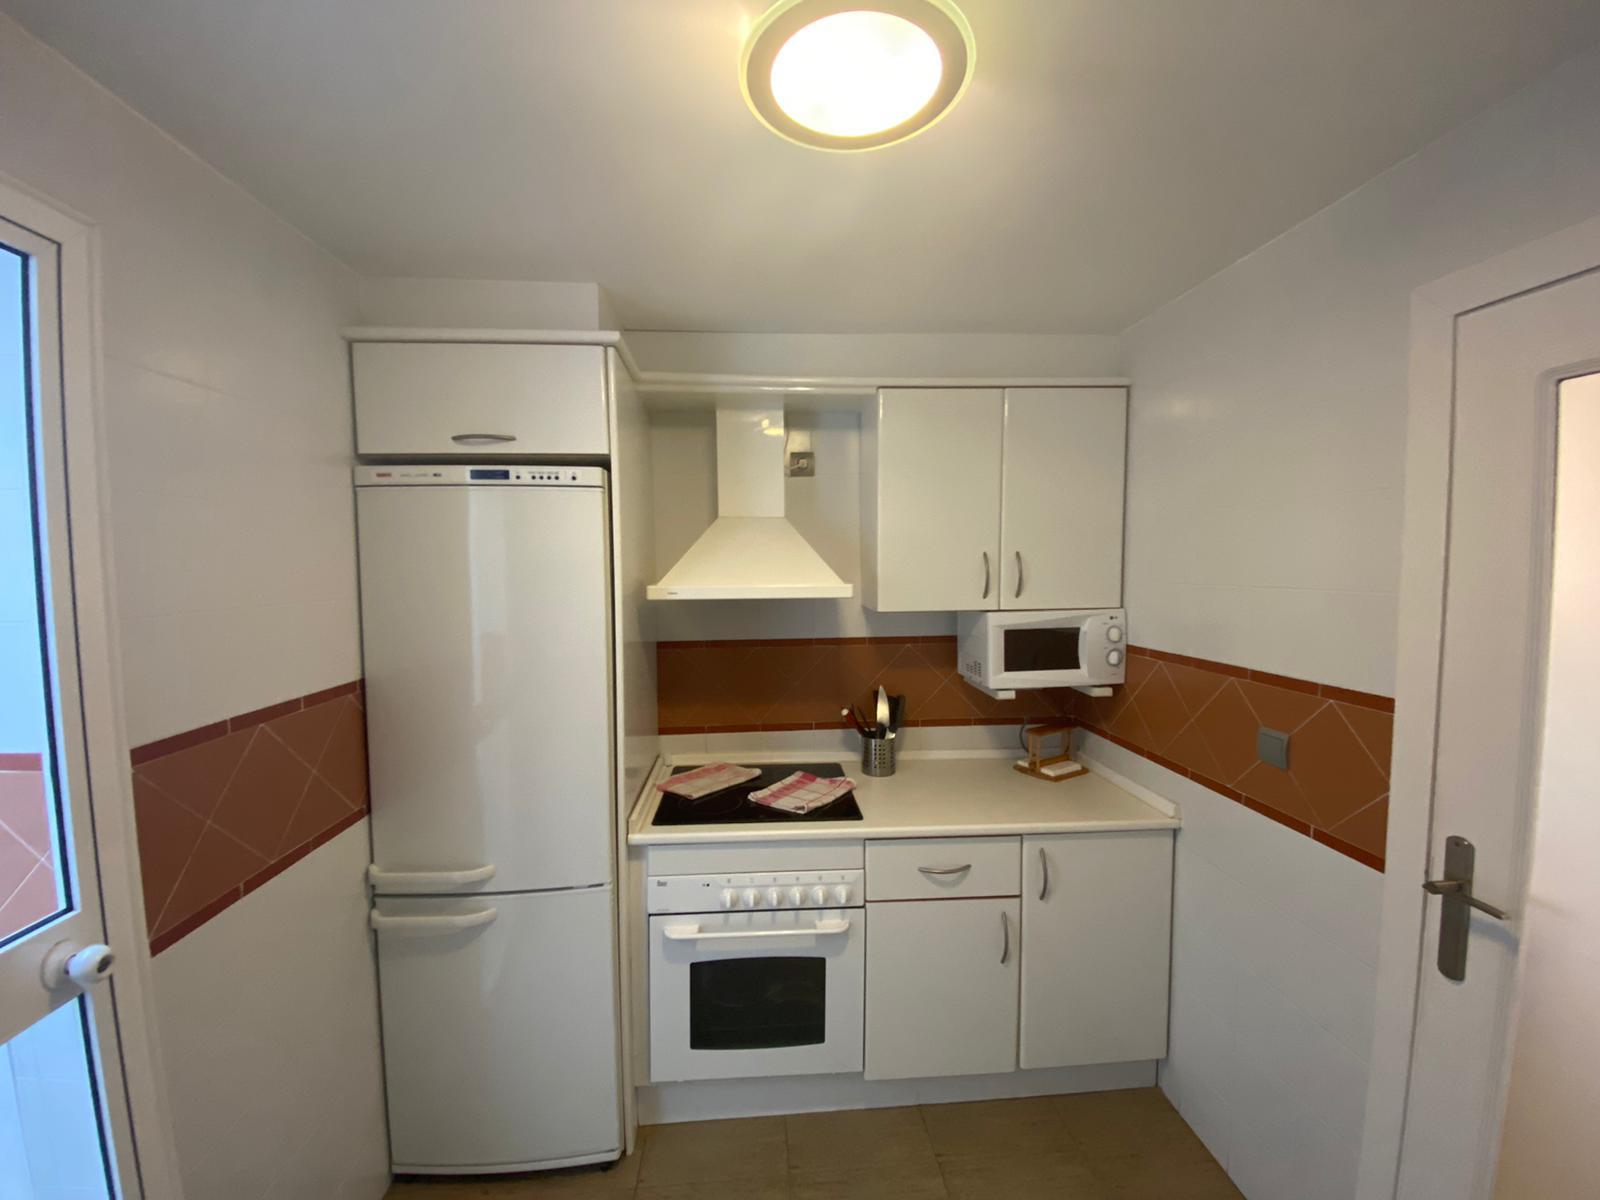 Imagen 19 del Apartamento Turístico, Ático 6 Levante (3d+2b), Punta del Moral (HUELVA), Paseo de la Cruz nº22